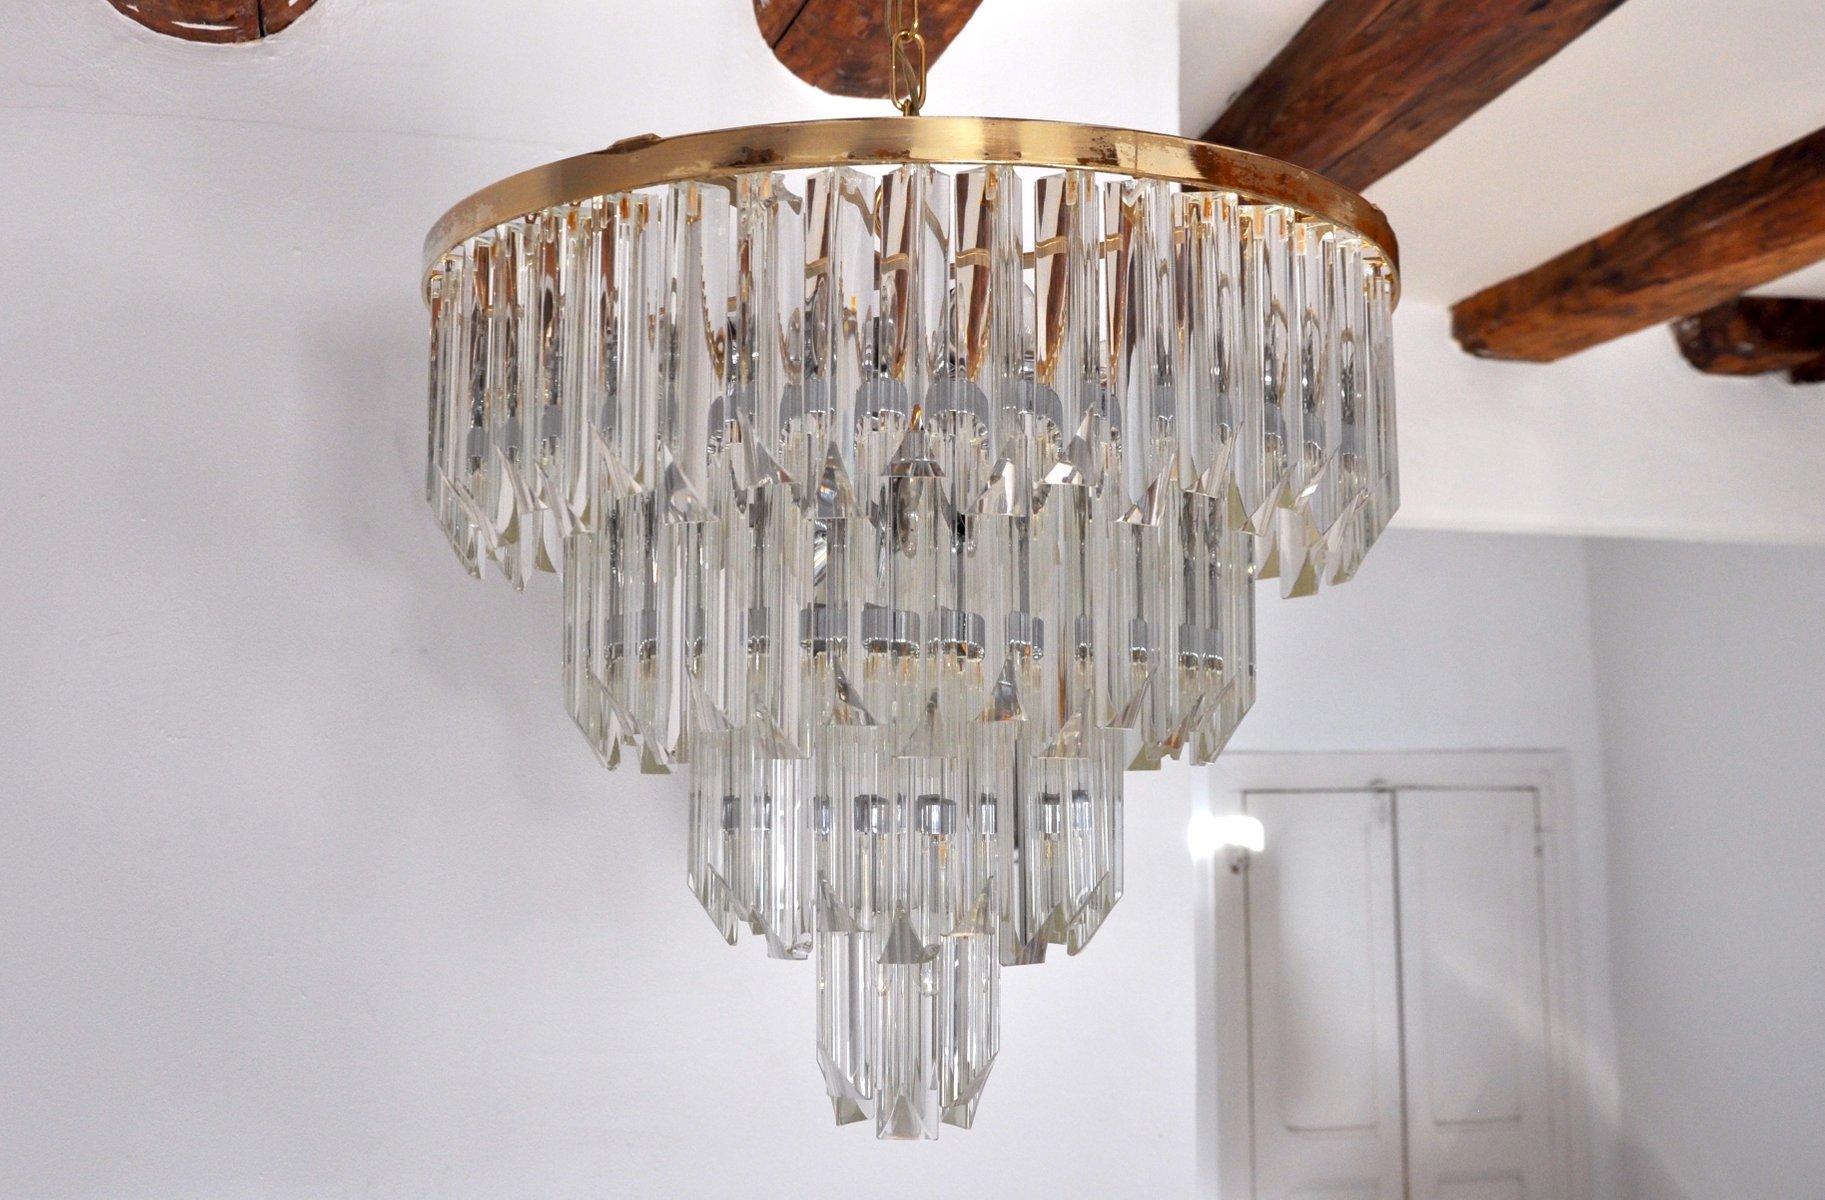 Kronleuchter Für Jugendzimmer ~ Deckenlampe hÄngelampe kronleuchter castello design von kÖgl